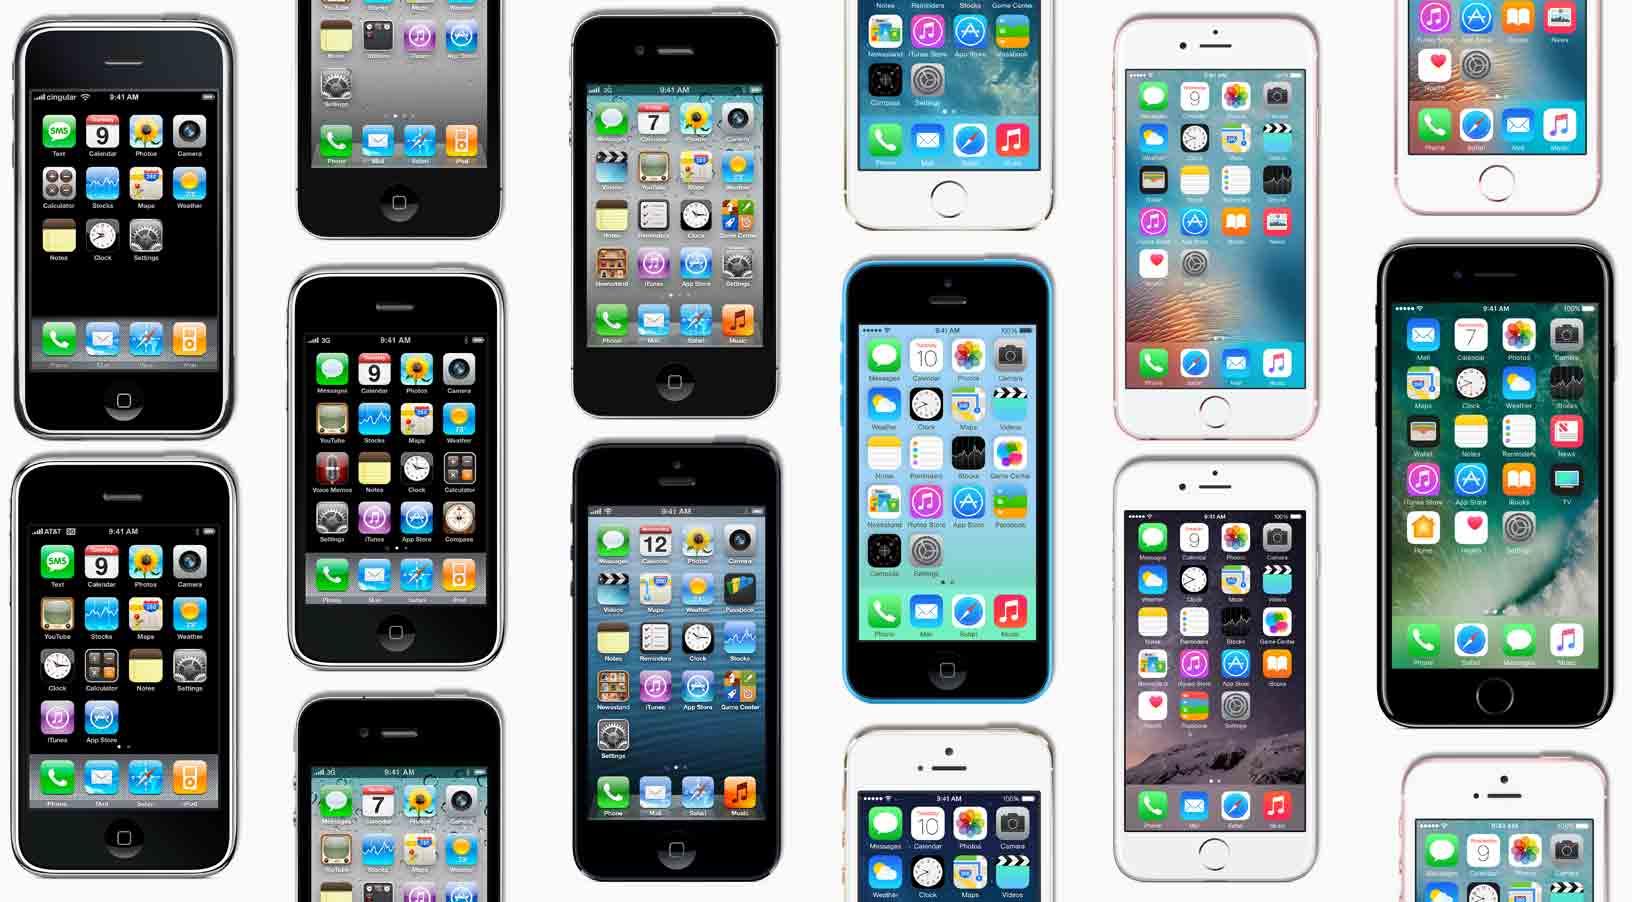 El iPhone cumple 10 años: toda la evolución del producto más rentable del mundo